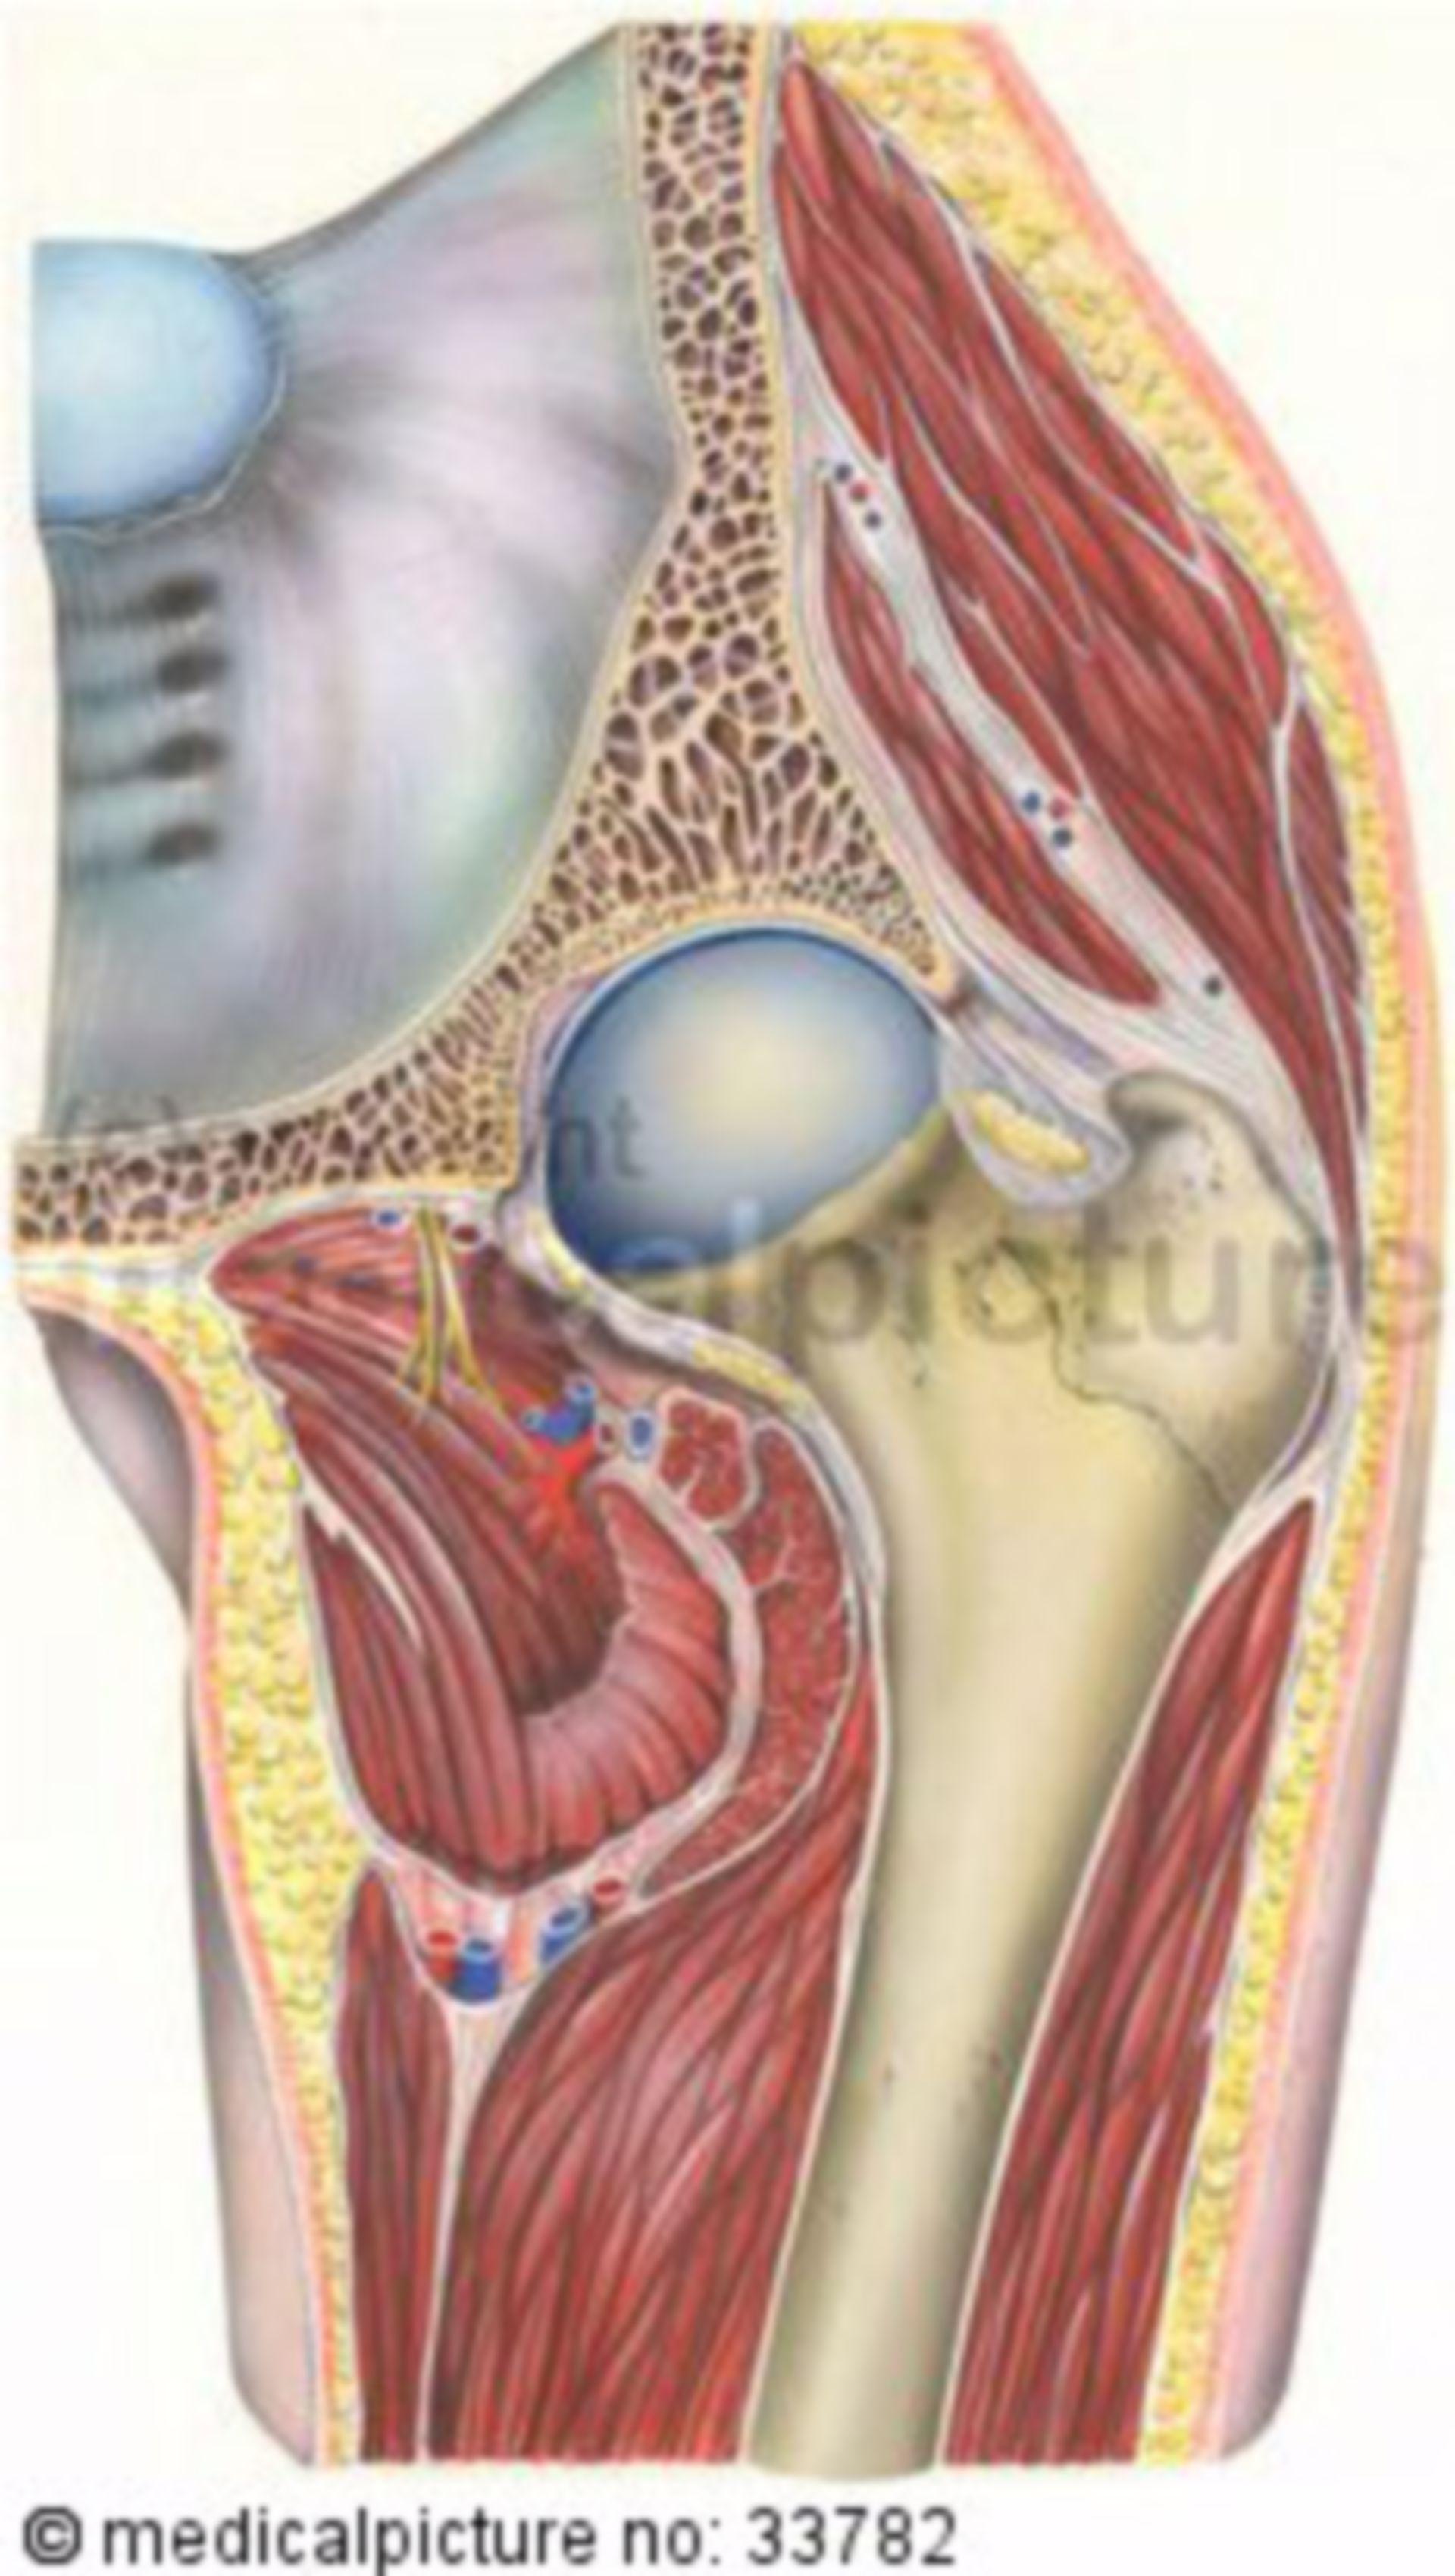 Articulación de la cadera (articulación coxofemoral)